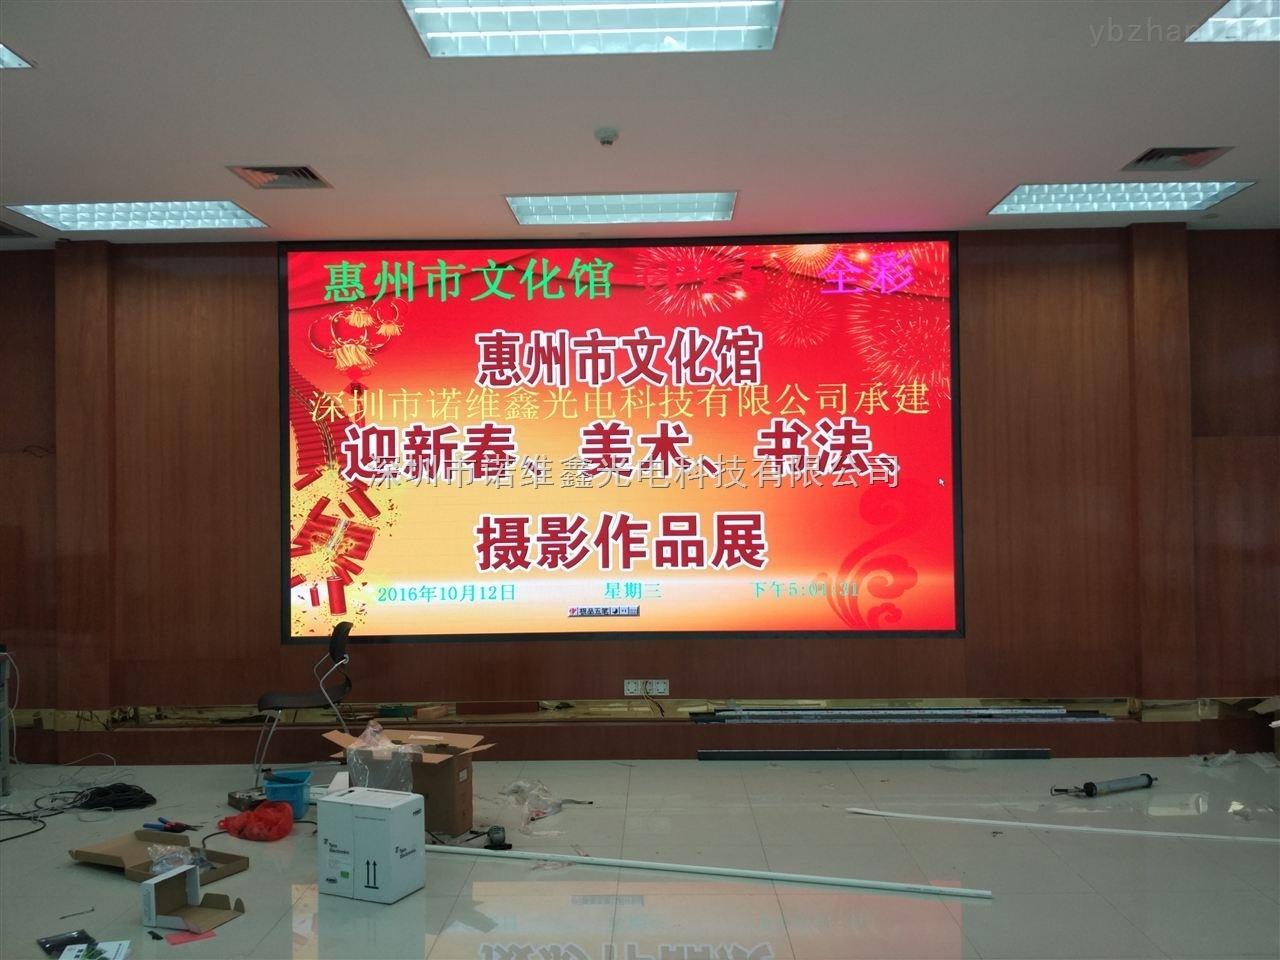 大礼堂p2.5彩色大屏安装效果 p2.5LED厂家价格